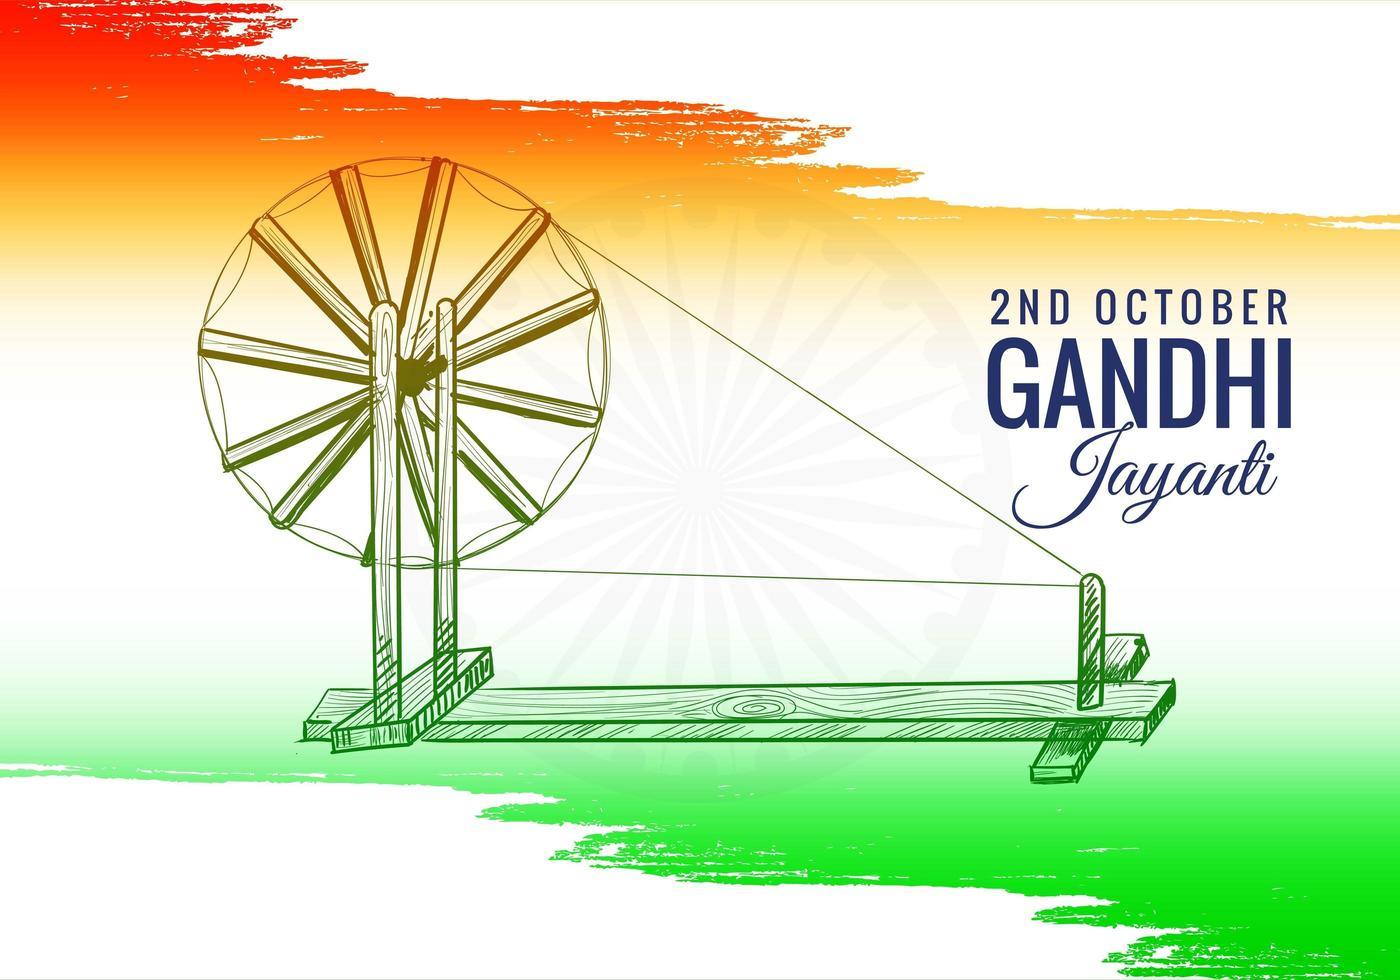 spinnewiel op de achtergrond van India 2 oktober gandhi jayanti vector